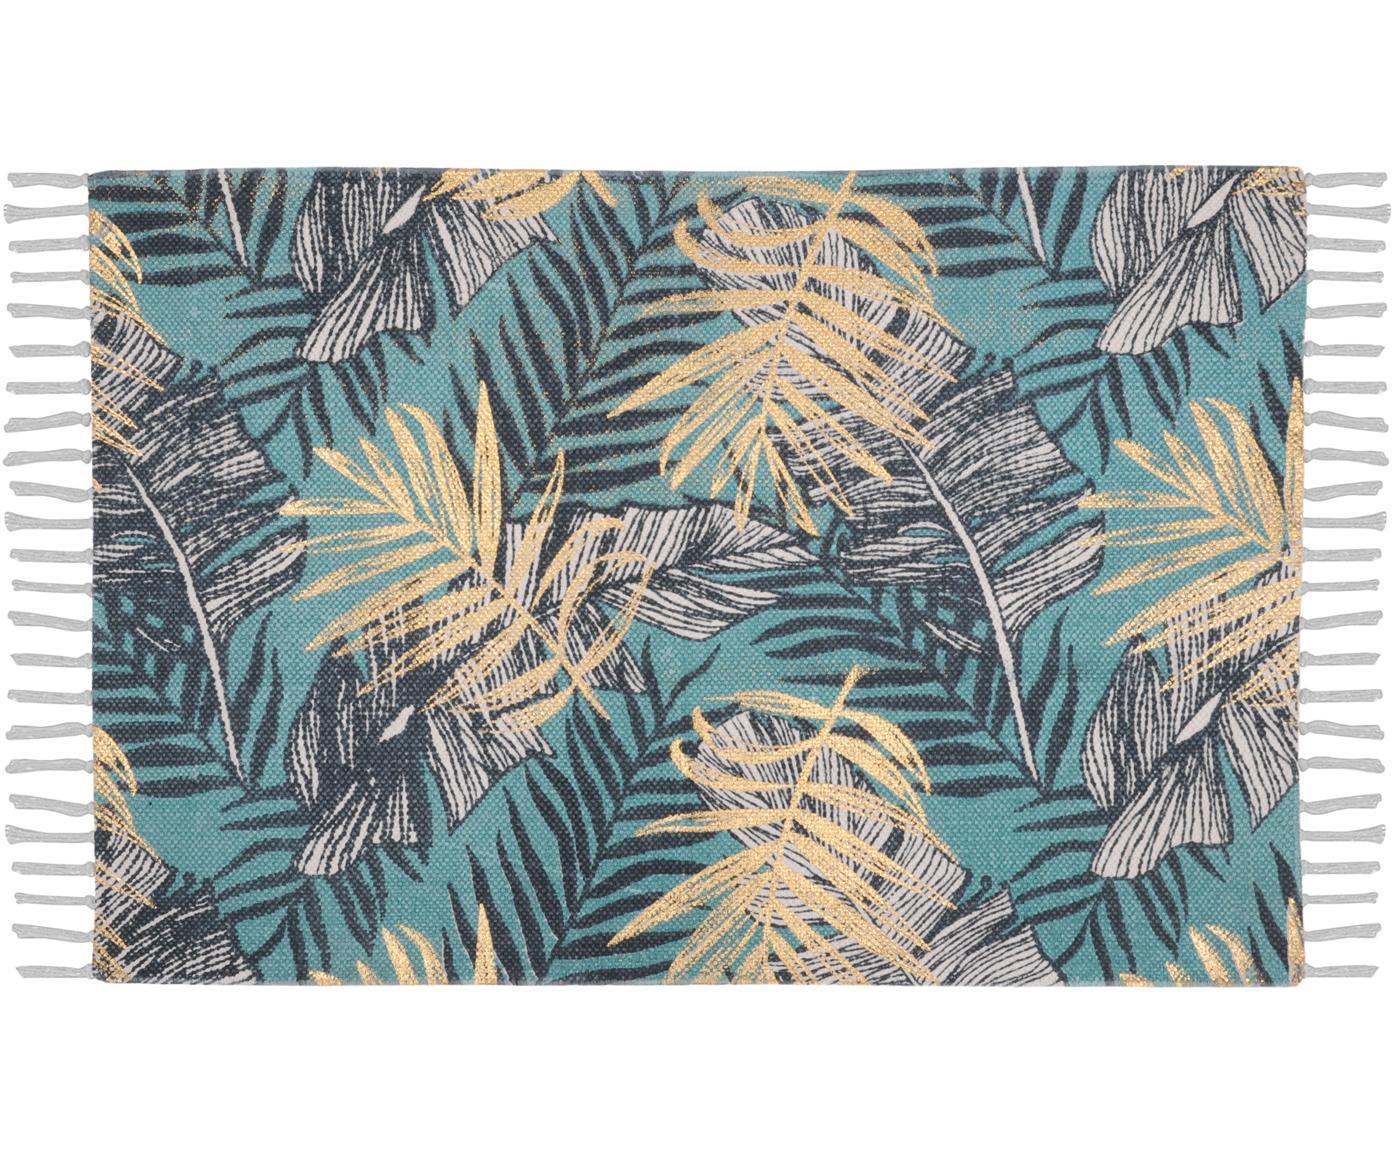 Tappeto con stampa tropicale Longbeach, Cotone, Tonalità blu, beige, Larg. 60 x Lung. 90 cm (taglia XXS)